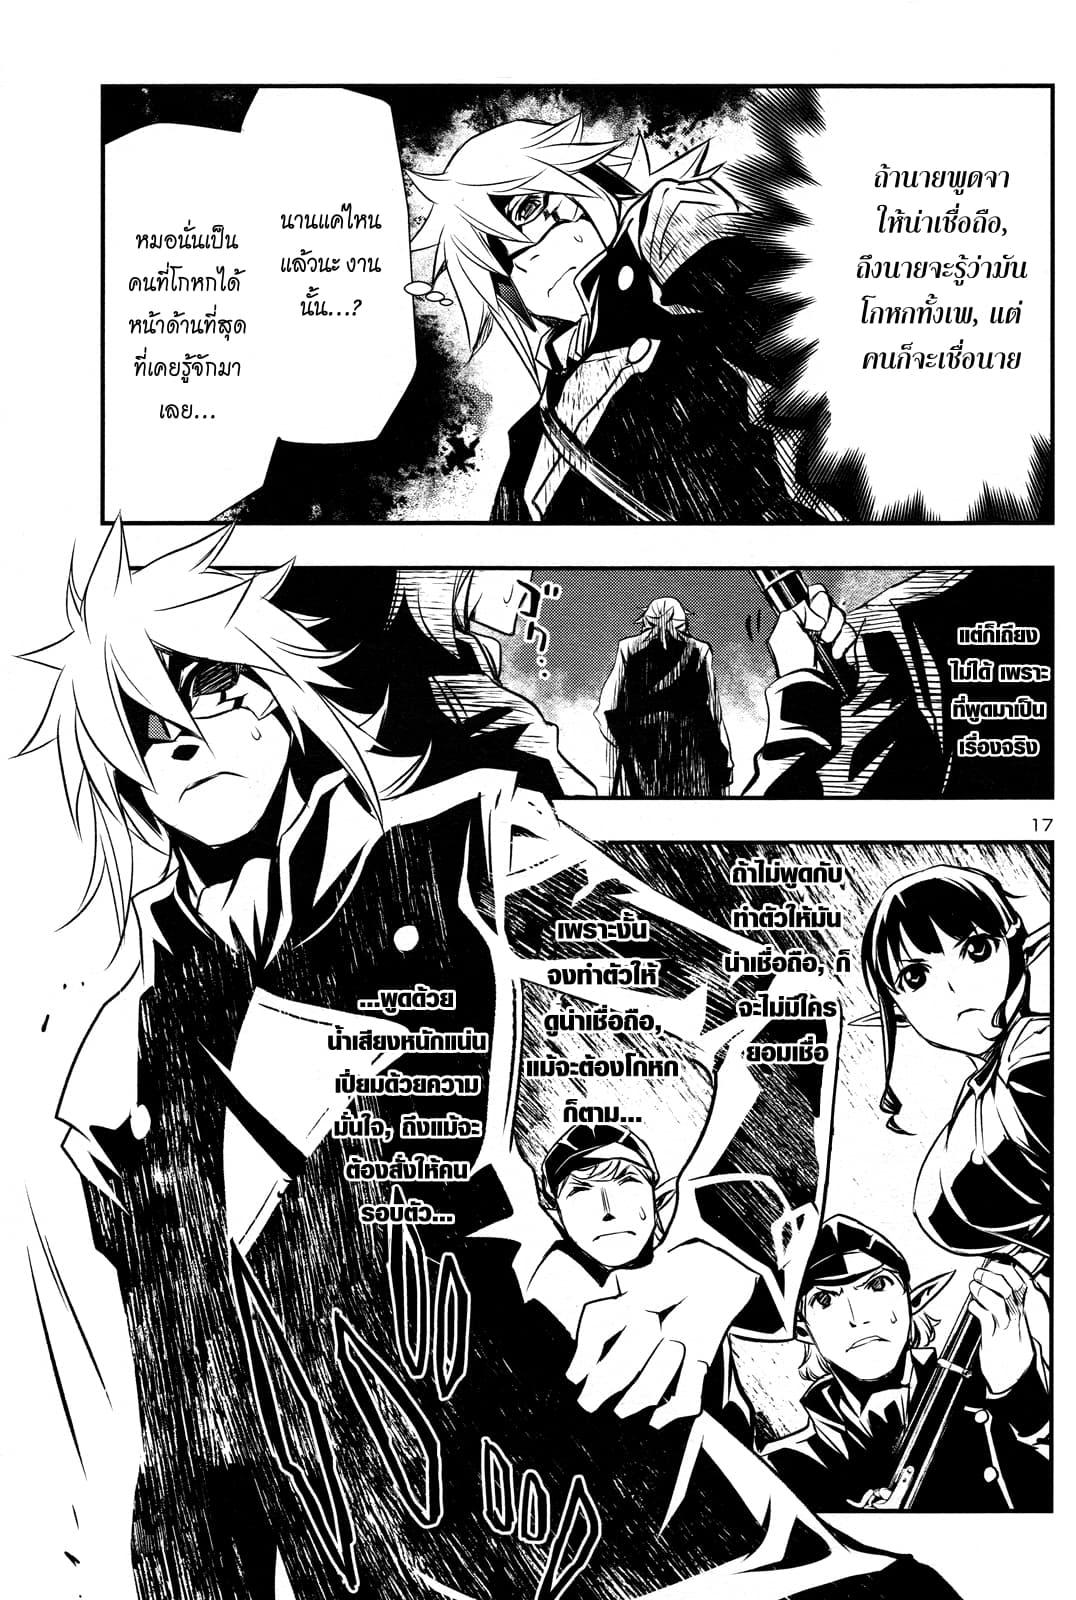 อ่านการ์ตูน Shinju no Nectar ตอนที่ 6 หน้าที่ 17